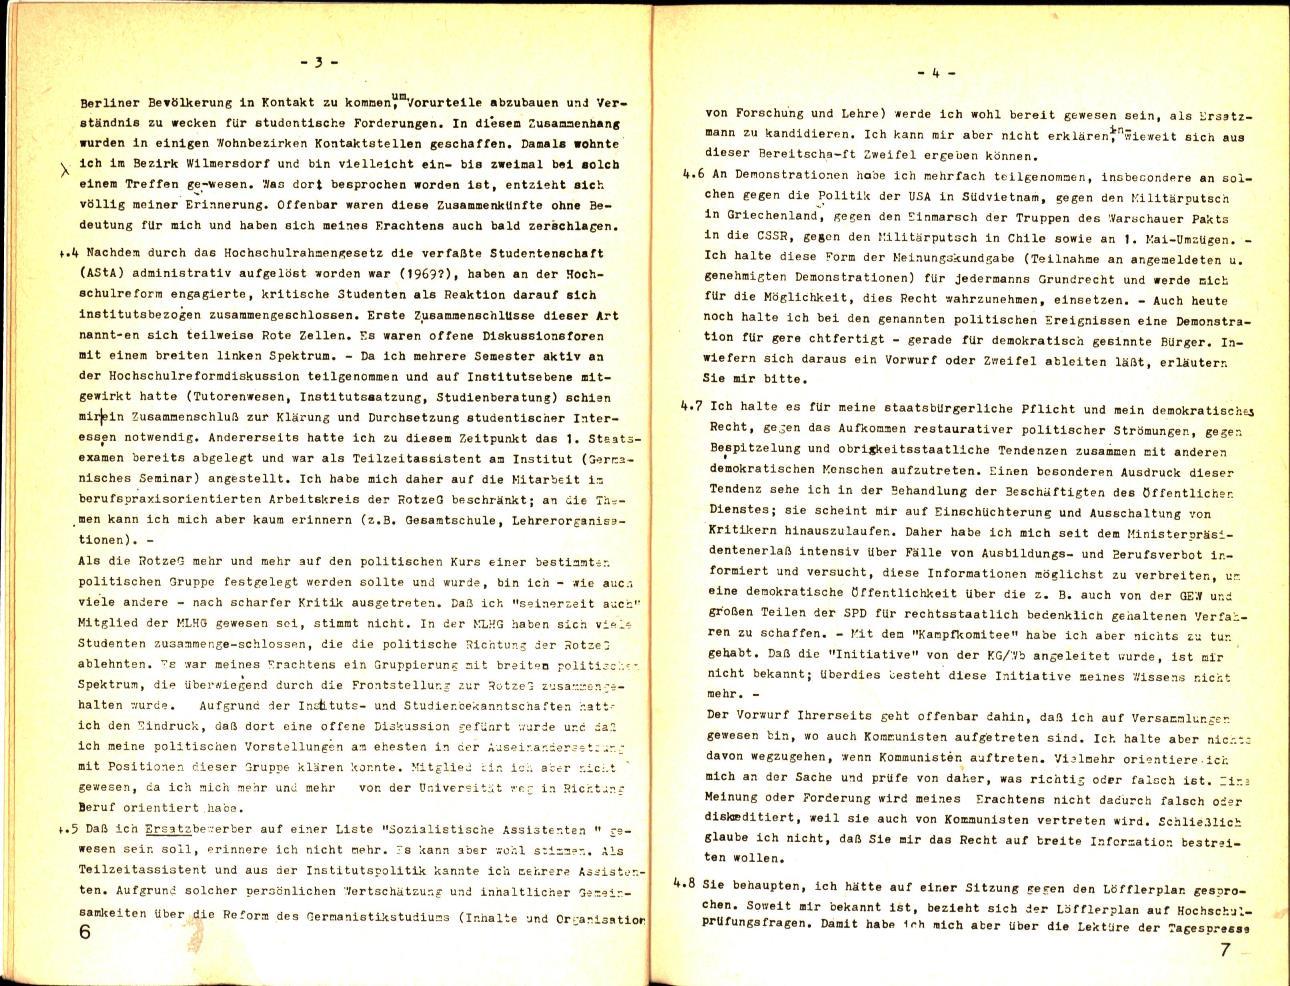 Berlin_VDS_Aktionskomitee_1976_BerufsverboteIII_05